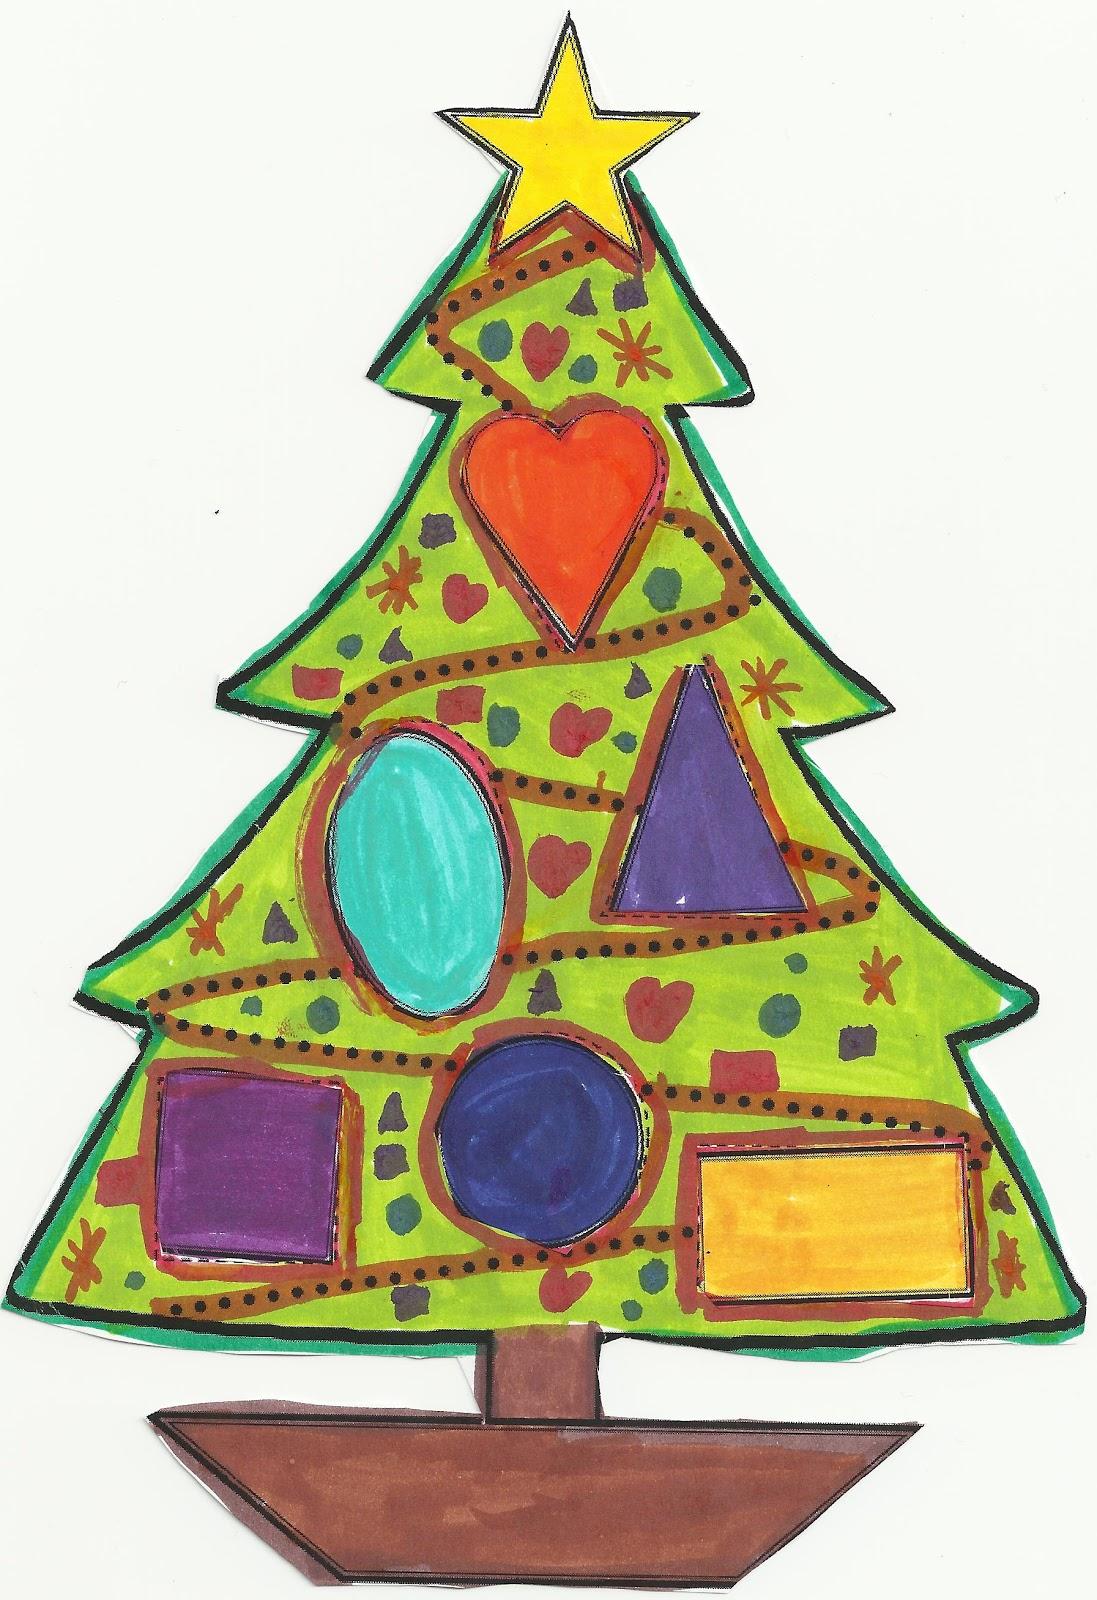 Ole nuestro arte rbol de navidad 3 a - Planta navidad ...